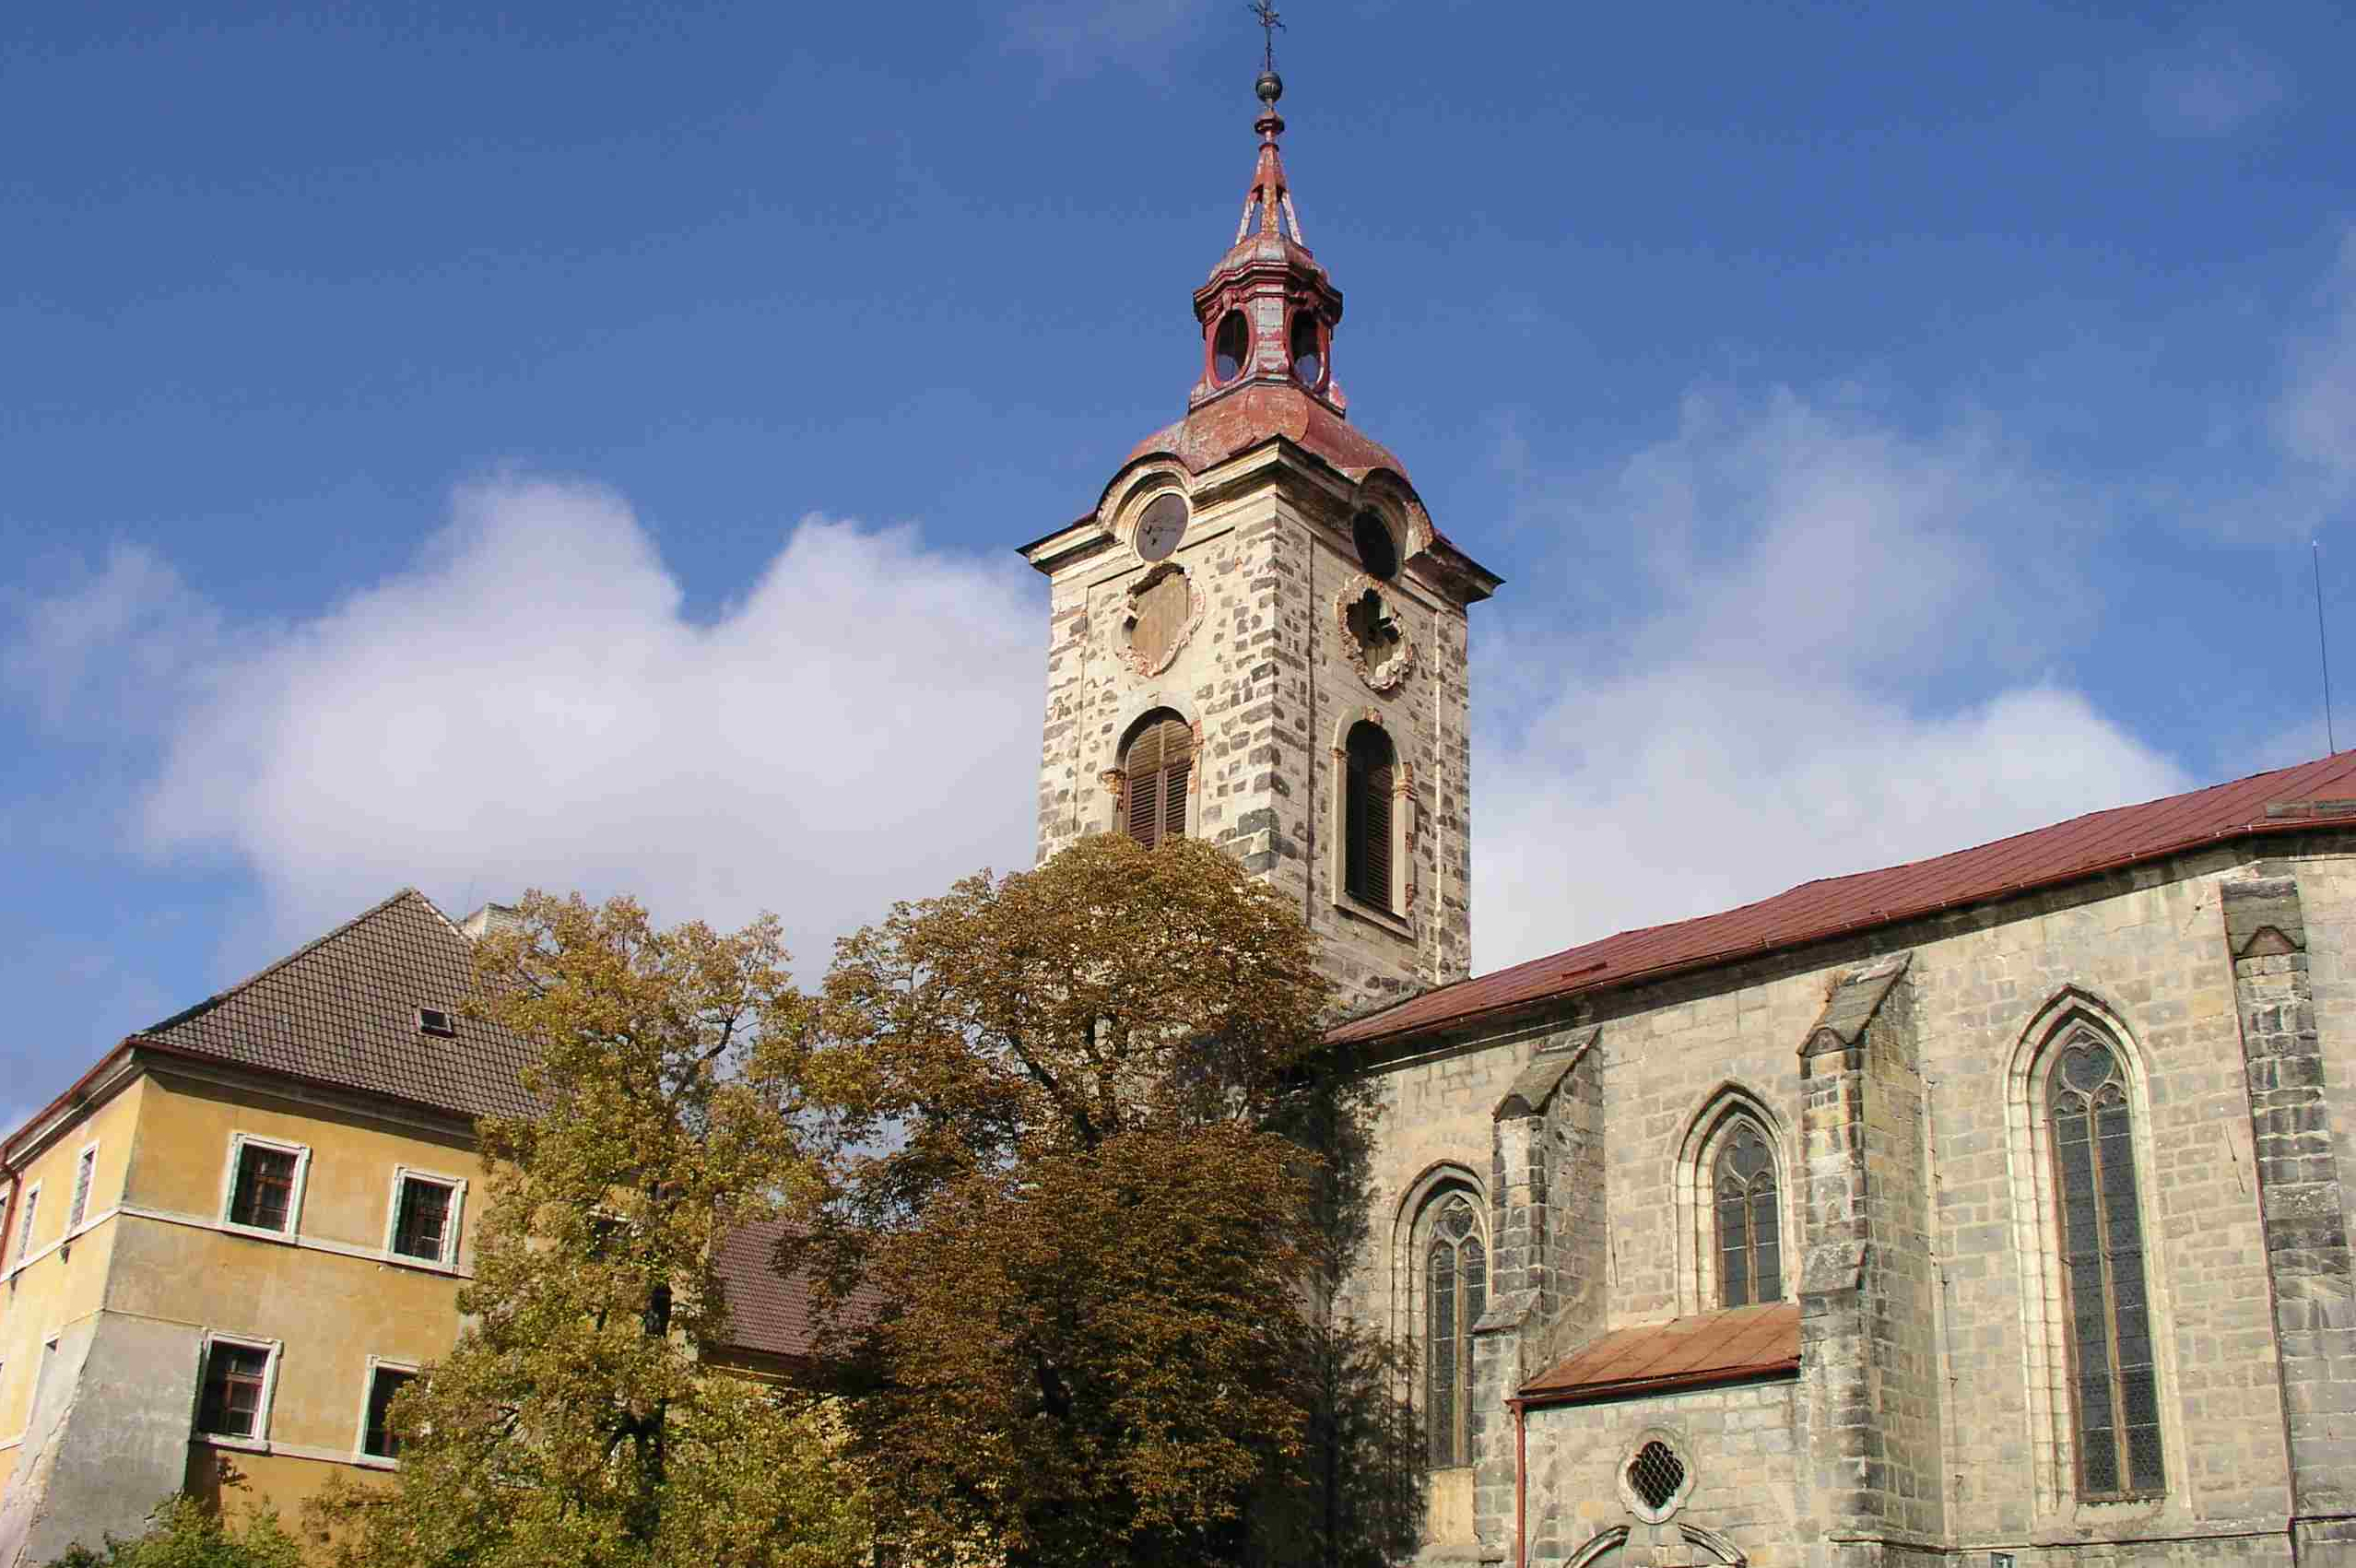 Kostel sv. Ignáce v Jičíně potřebuje opravit střechu